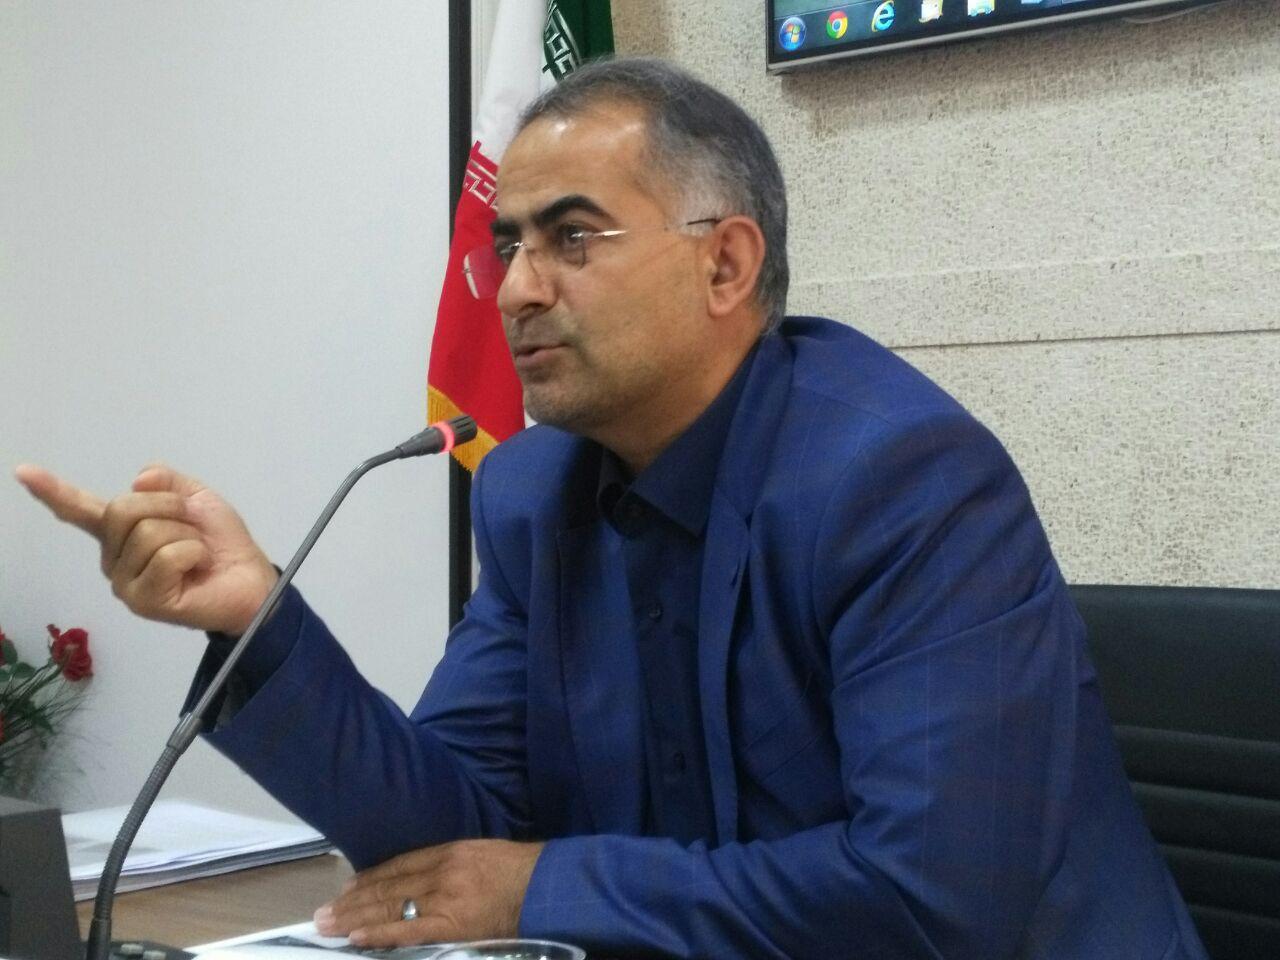 اختصاصی/مدیر بیمارستان رسول اکرم(ص)رشت منصوب شد/علت تغییر مدیر مشخص نیست و مغایر مصوبه شورای عالی اداری است